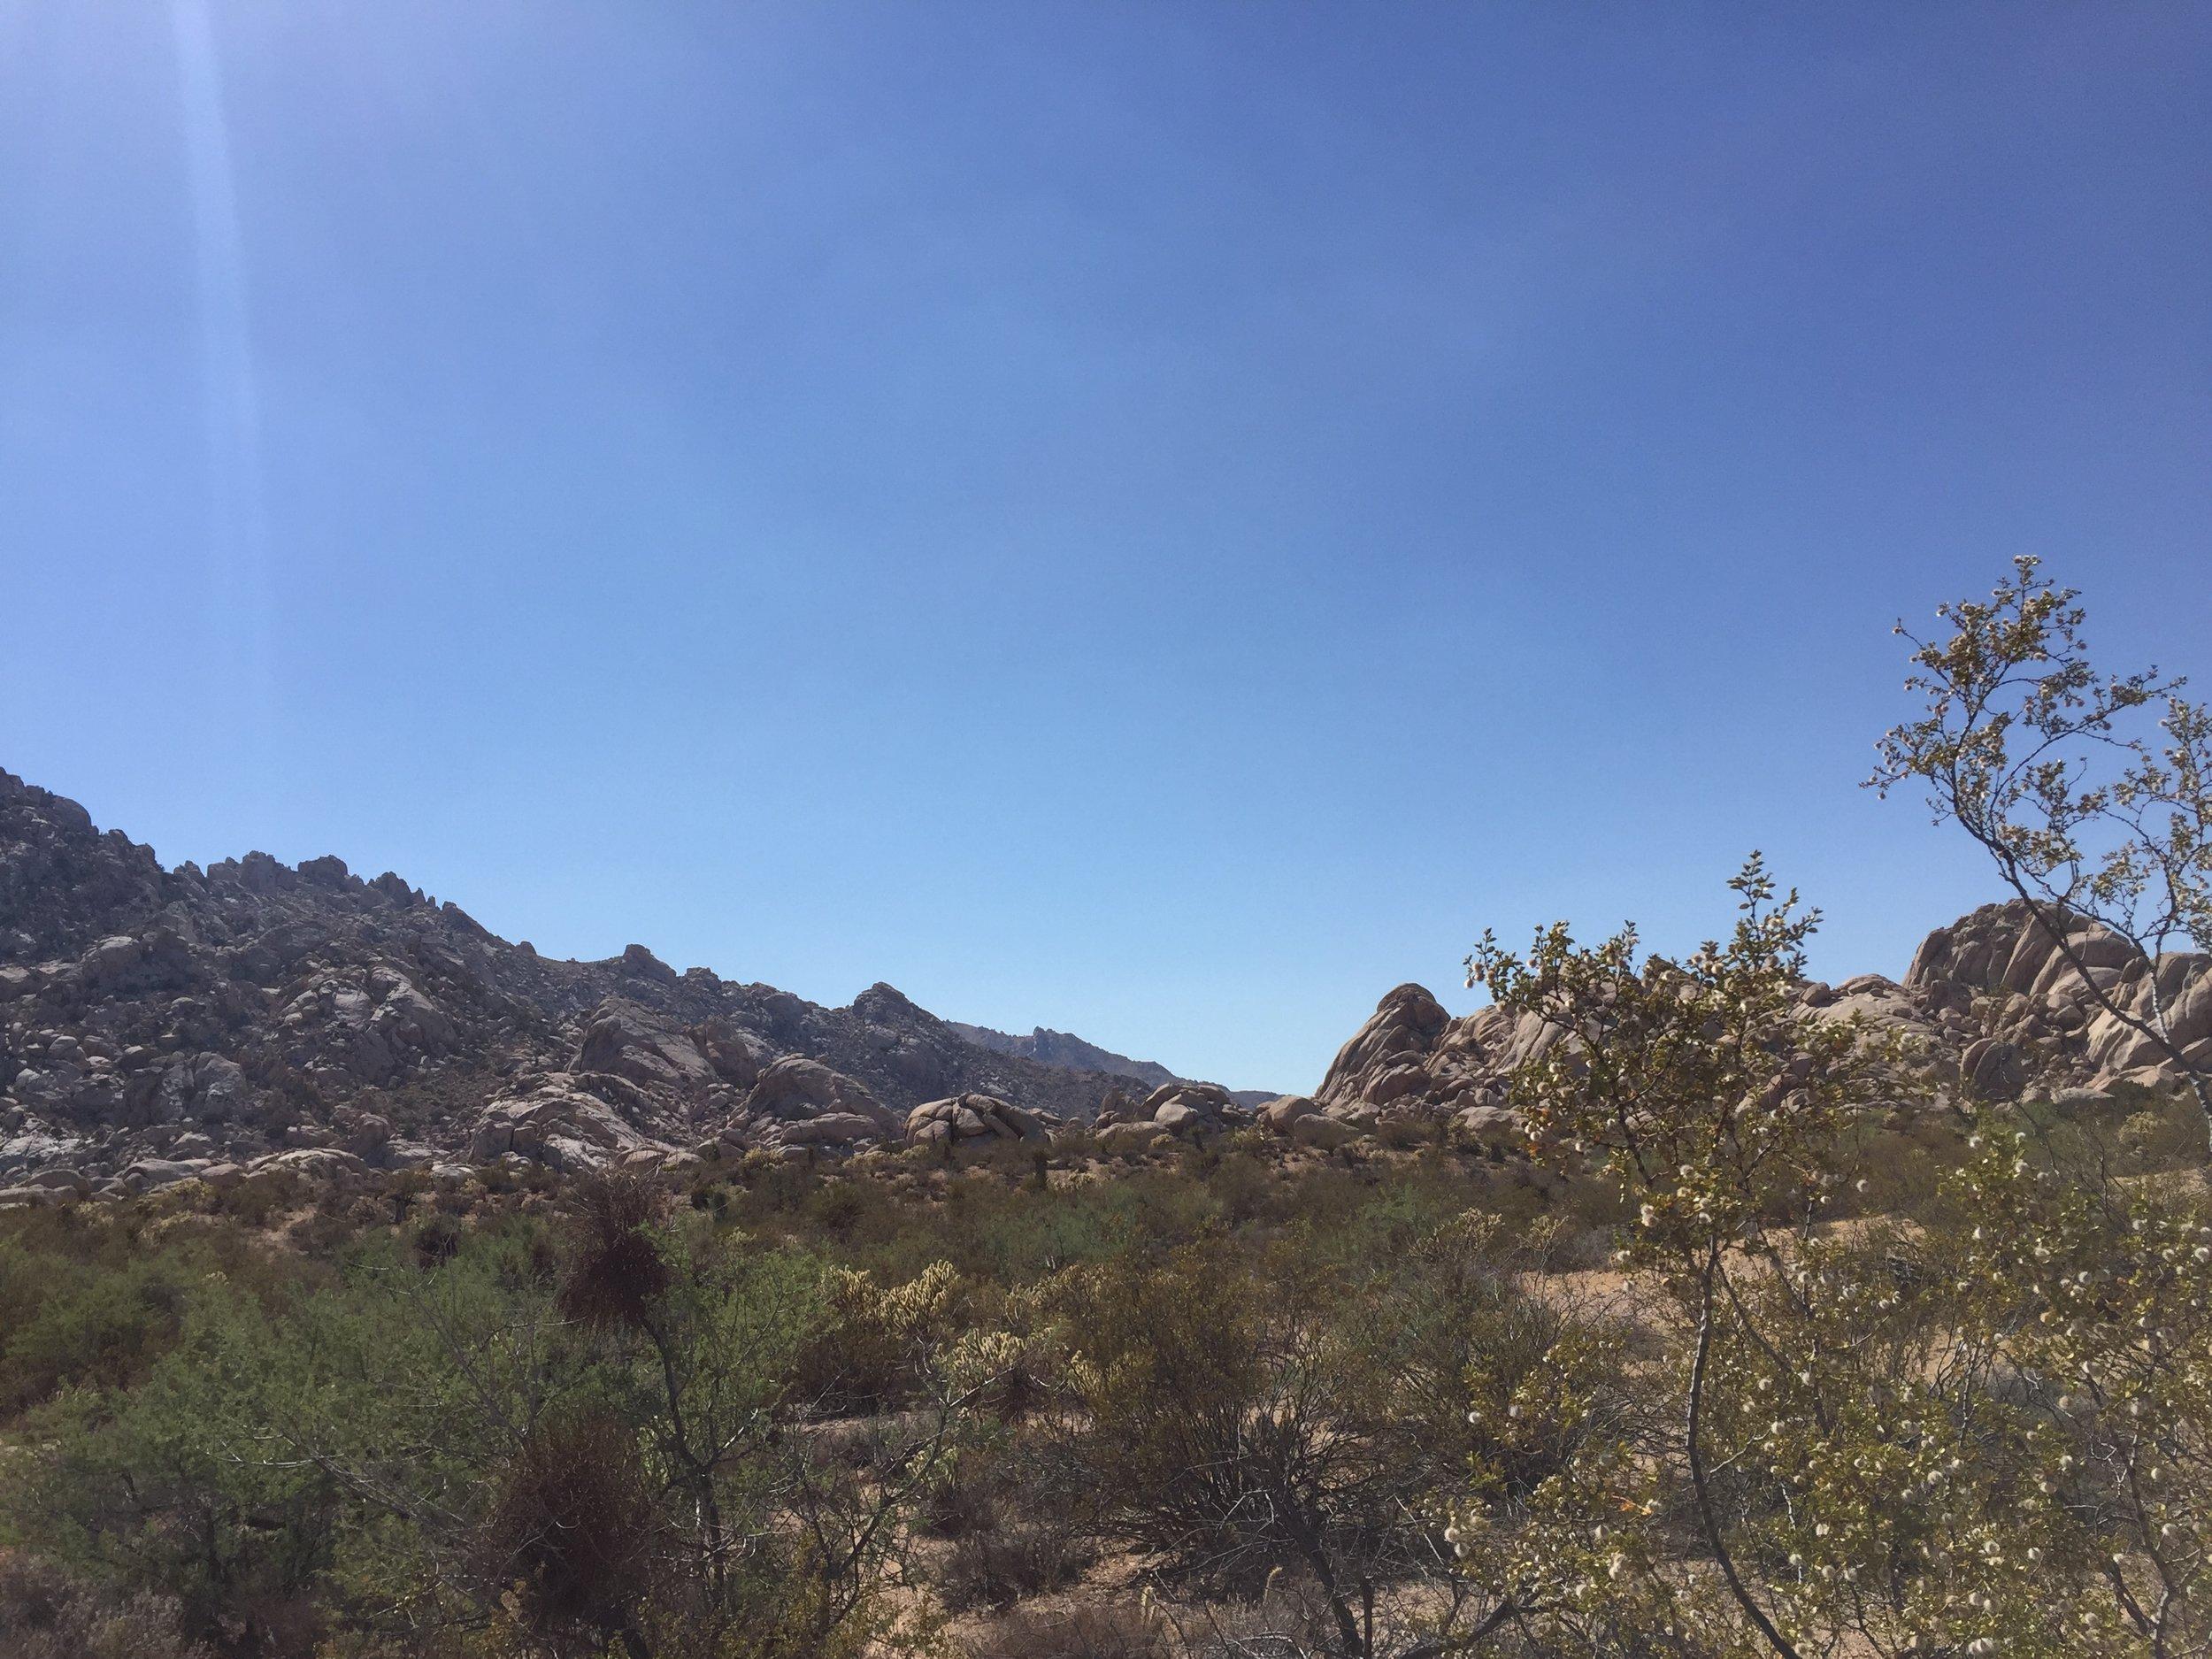 desert-hot-springs-view.JPG